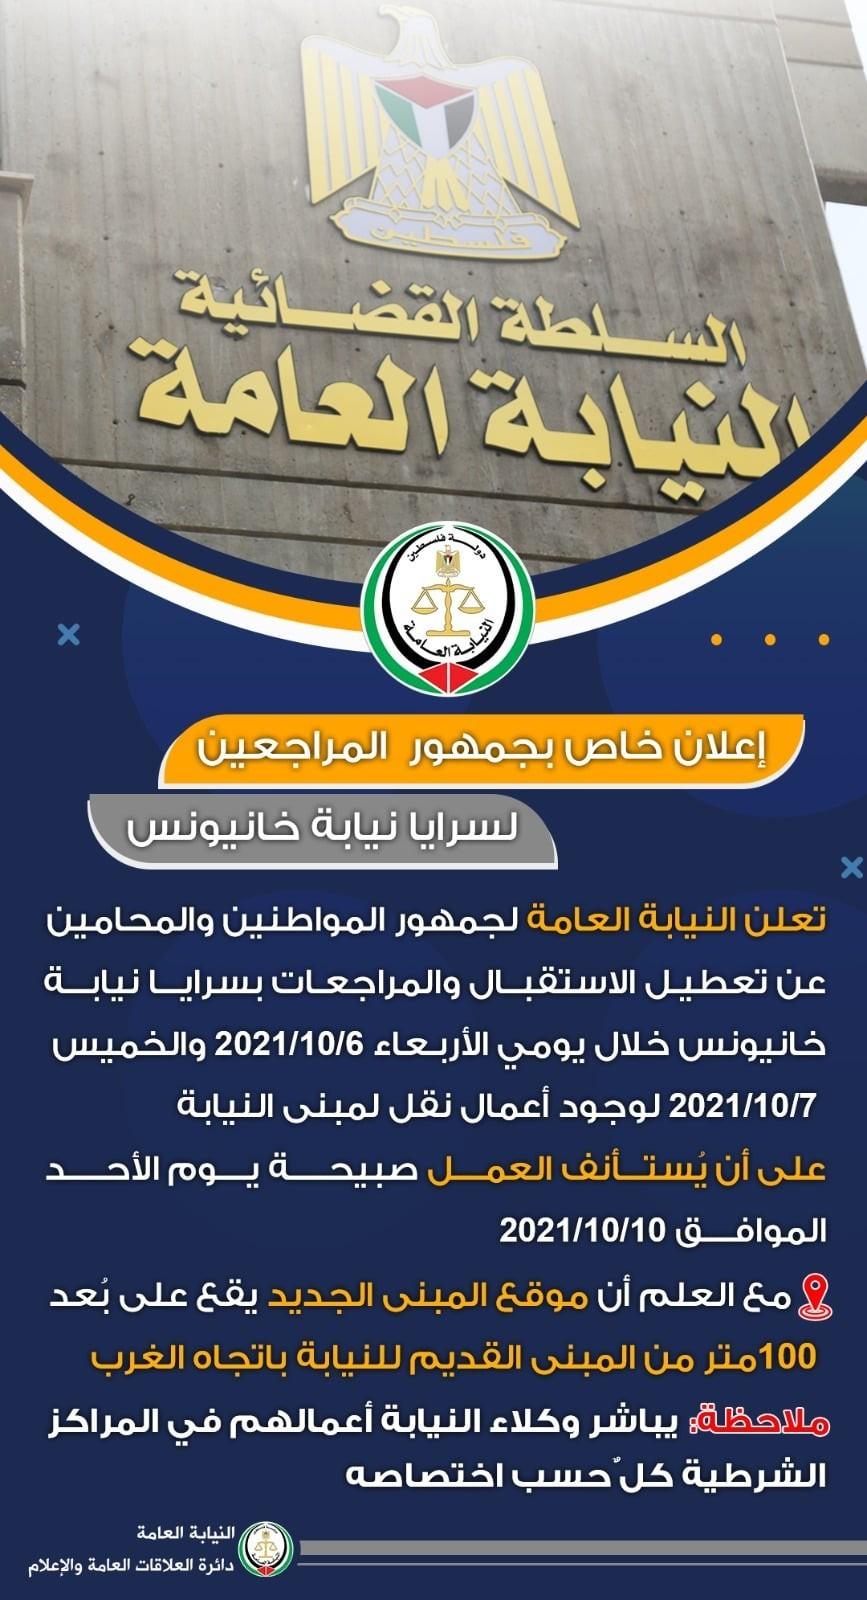 النيابة العامة بغزة تُعلن تعطيل الاستقبال والمراجعات في سرايا خانيونس مؤقتًا